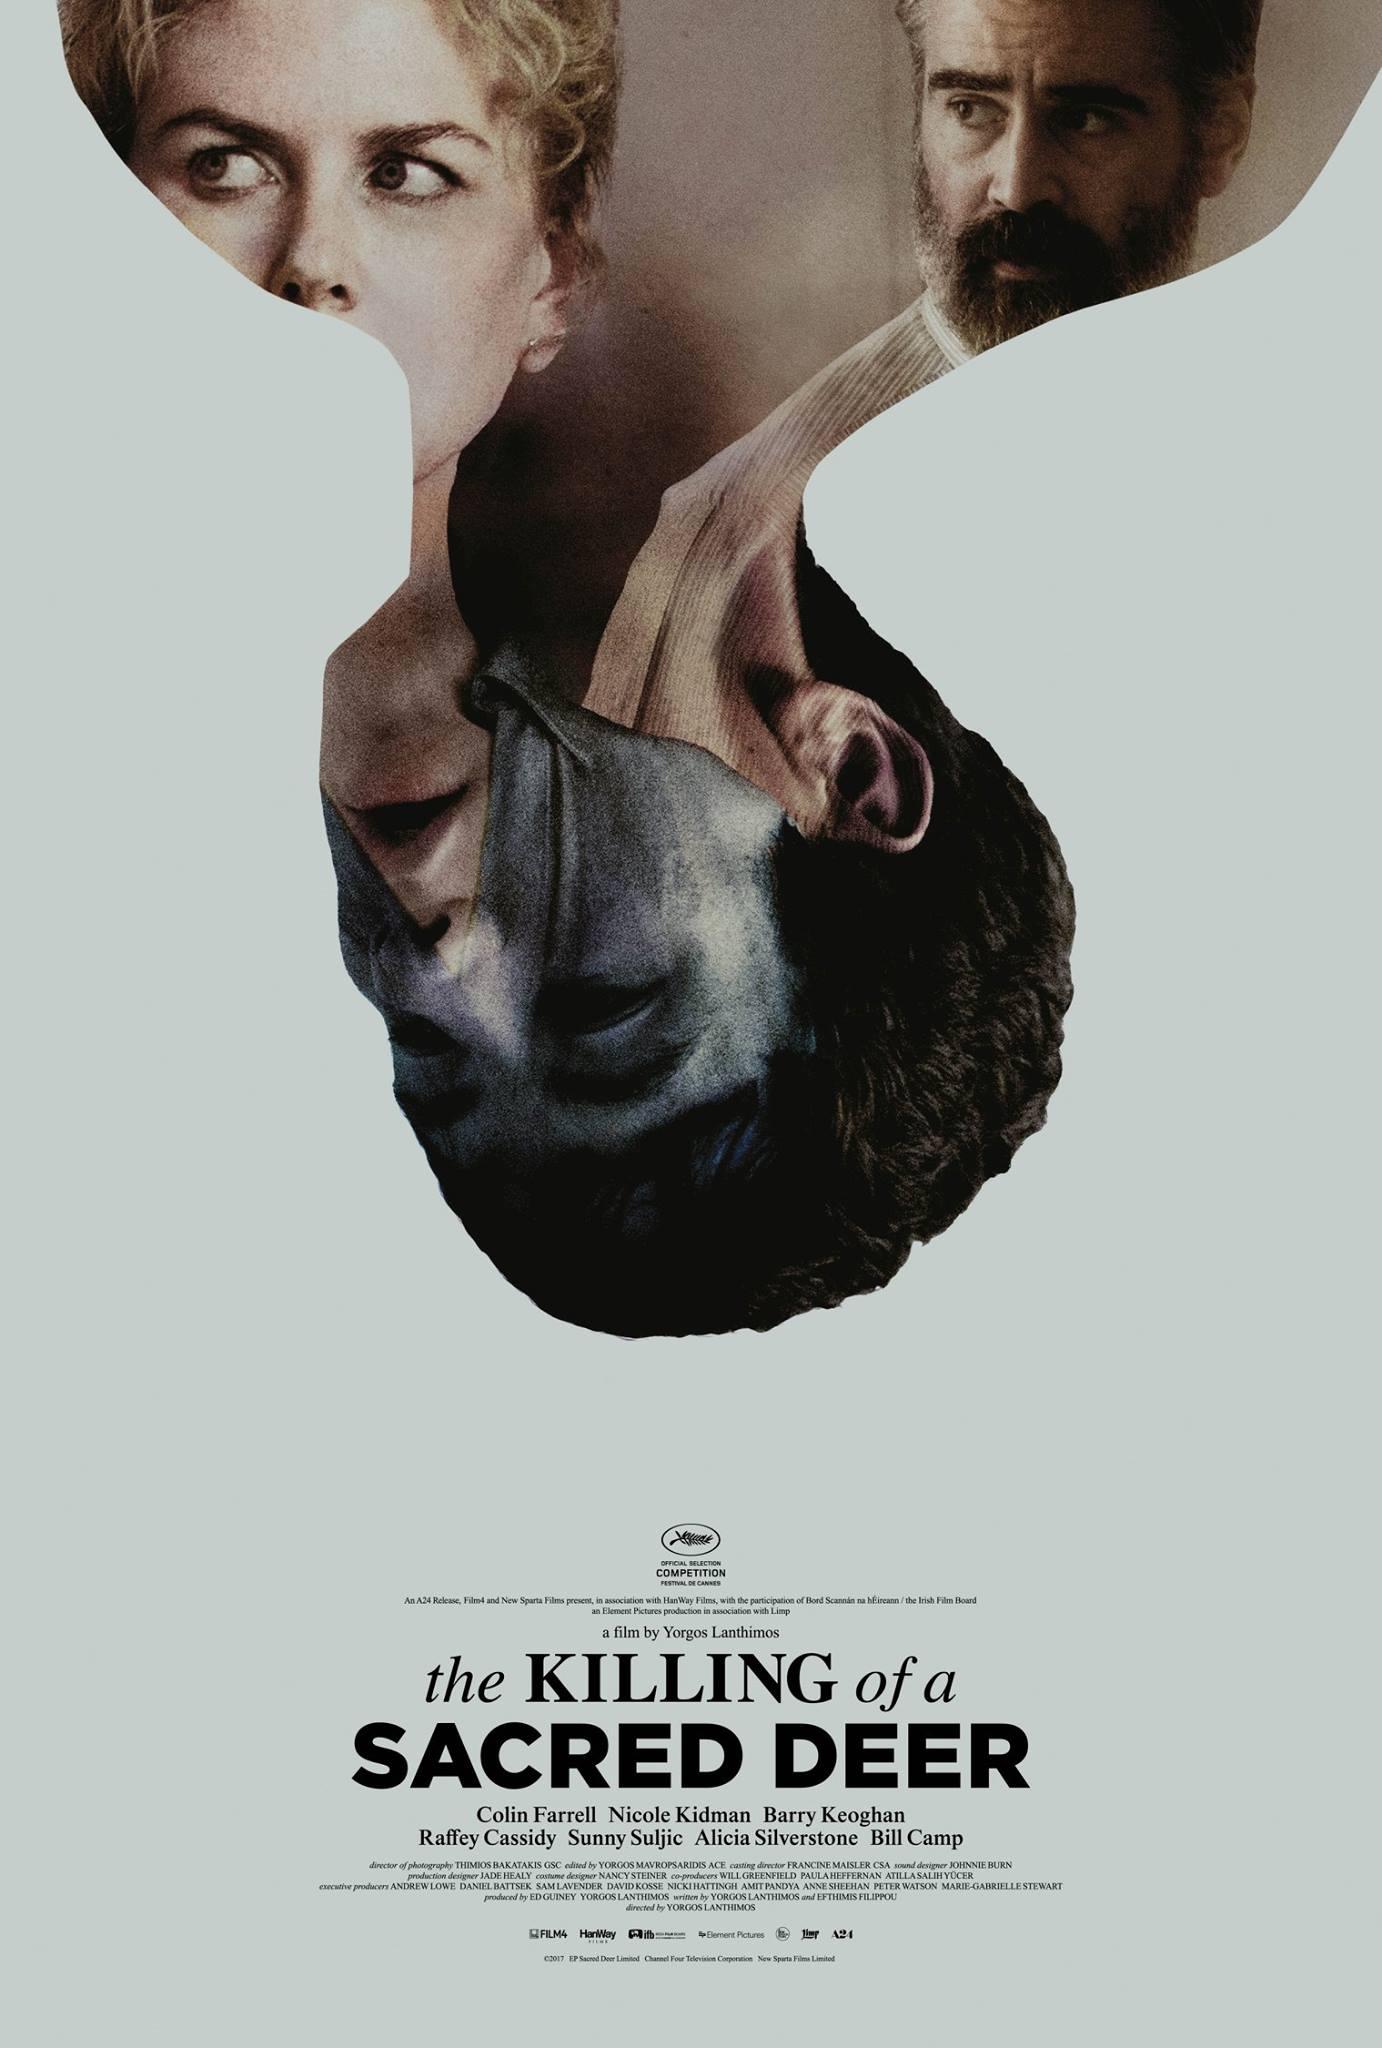 Plakat przedstawiający głowę kobiety w której dzieje się scena filmowa